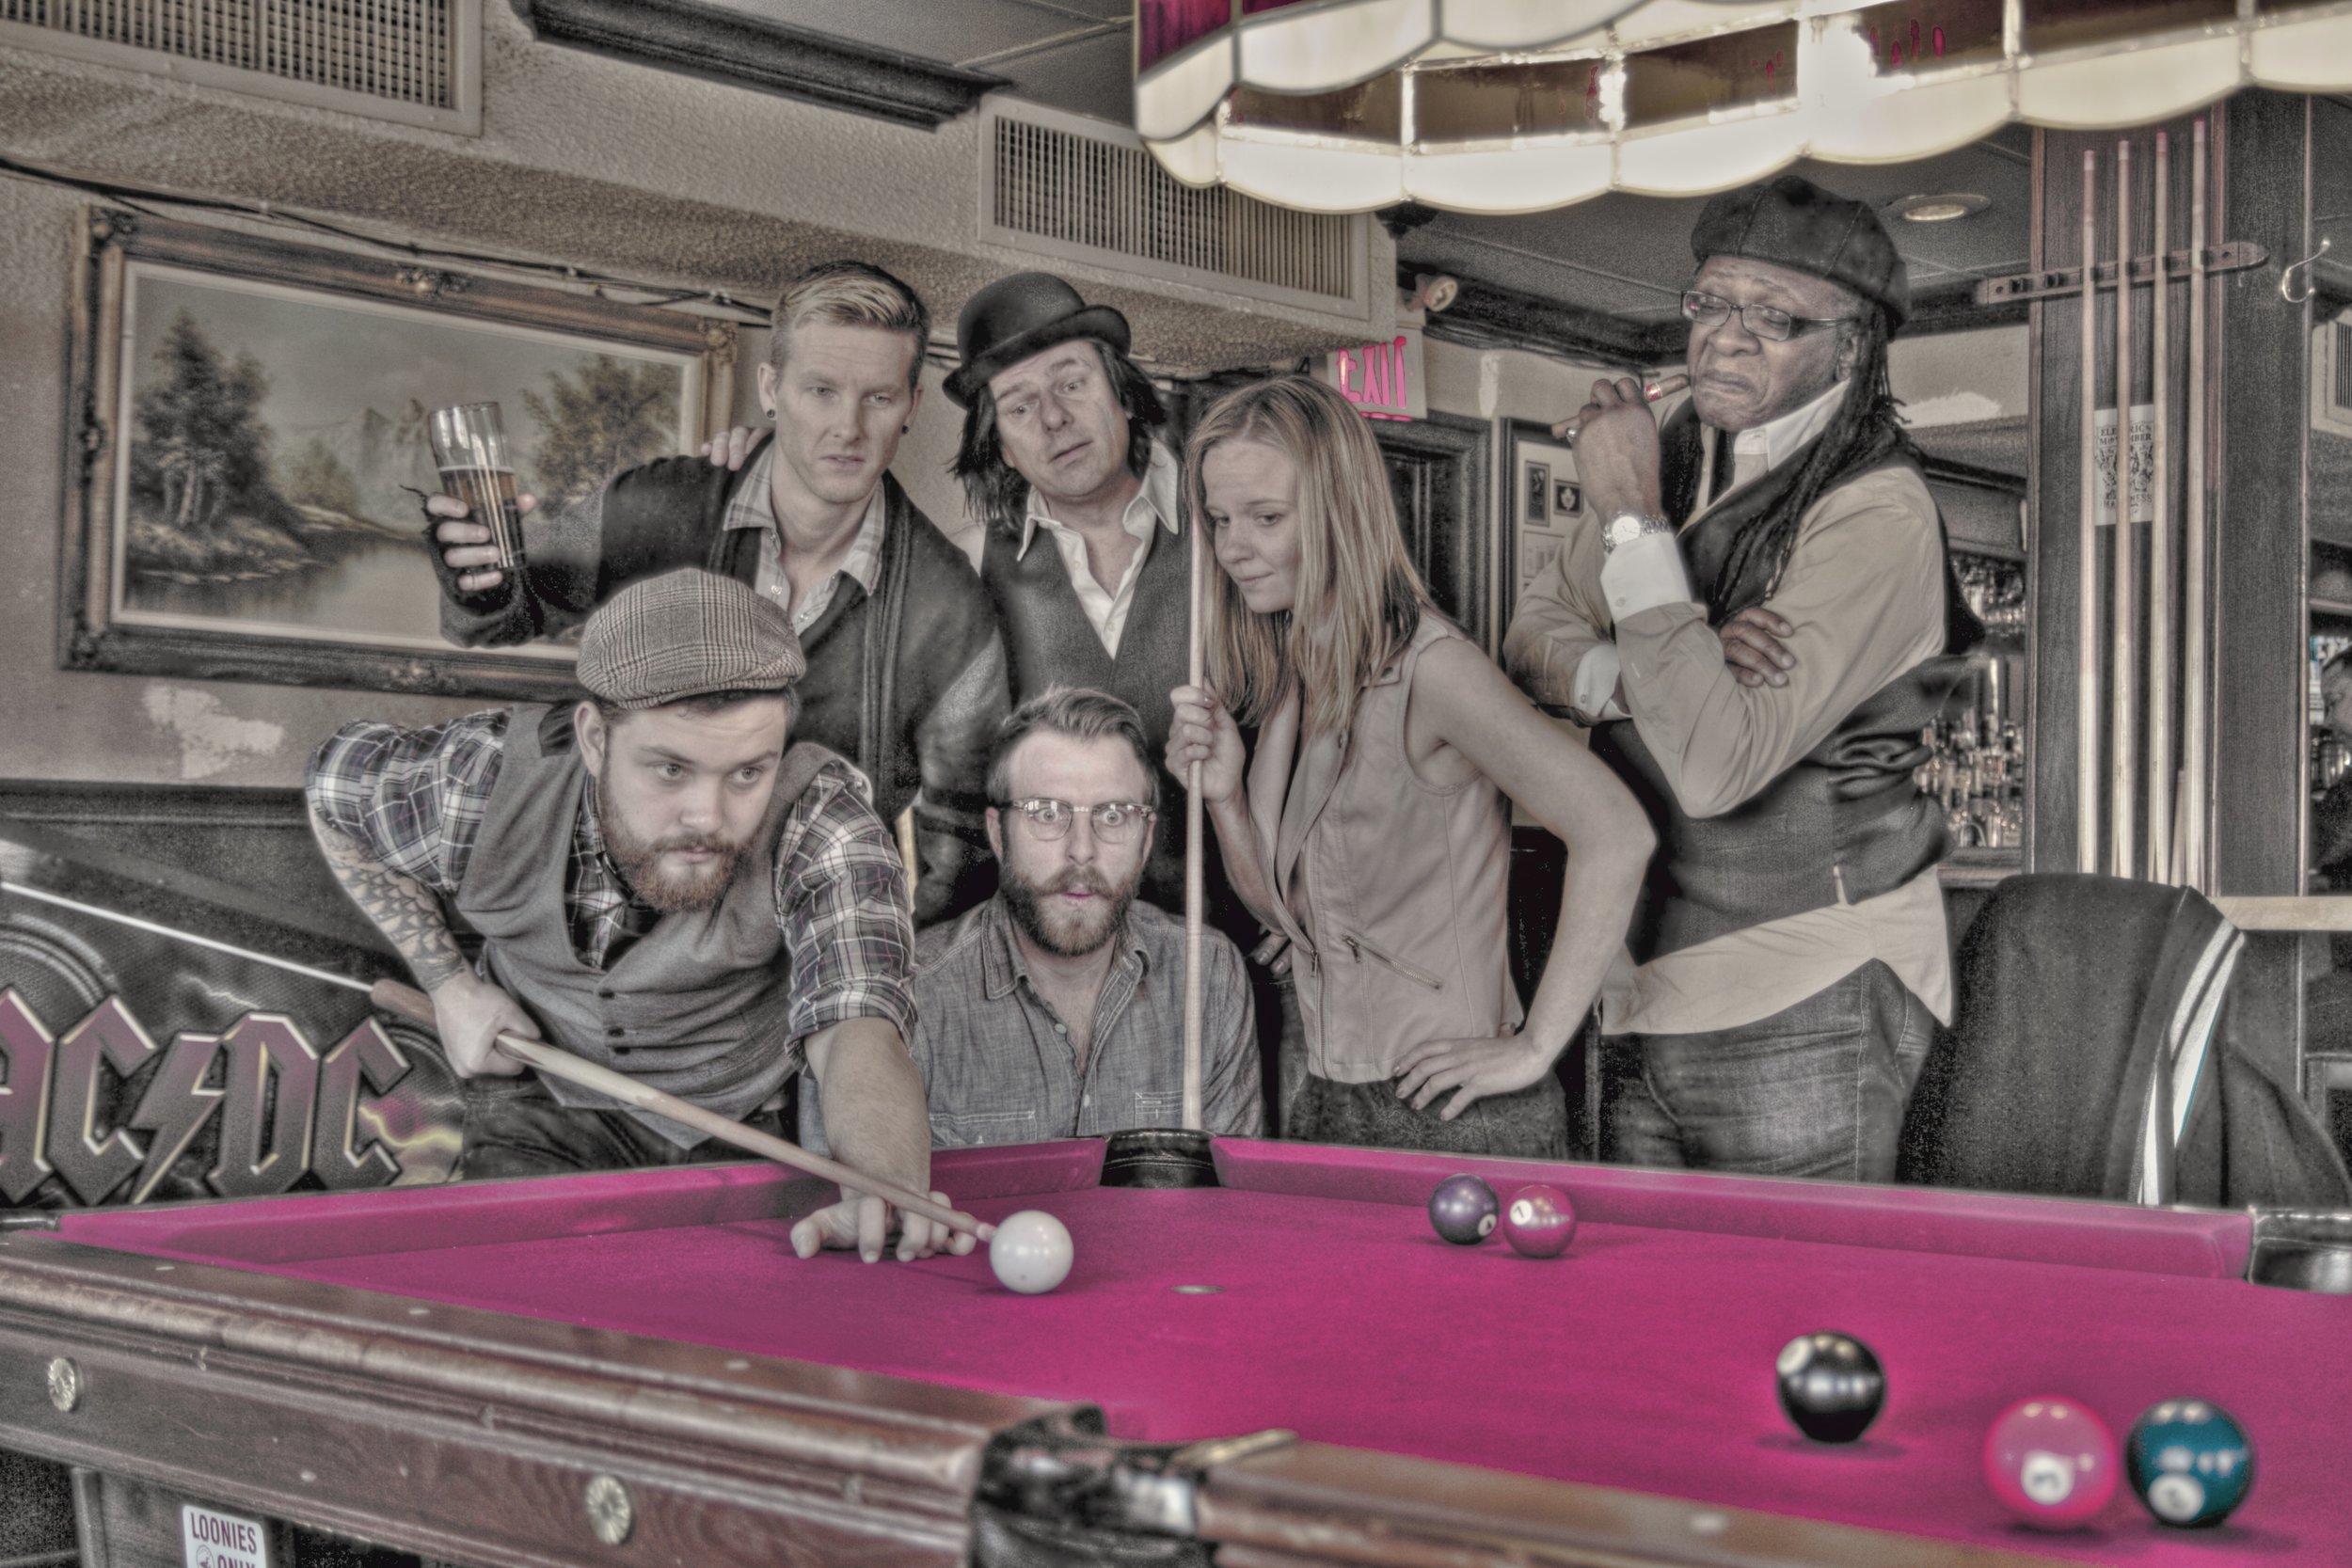 Old School Pool Table shot.jpg